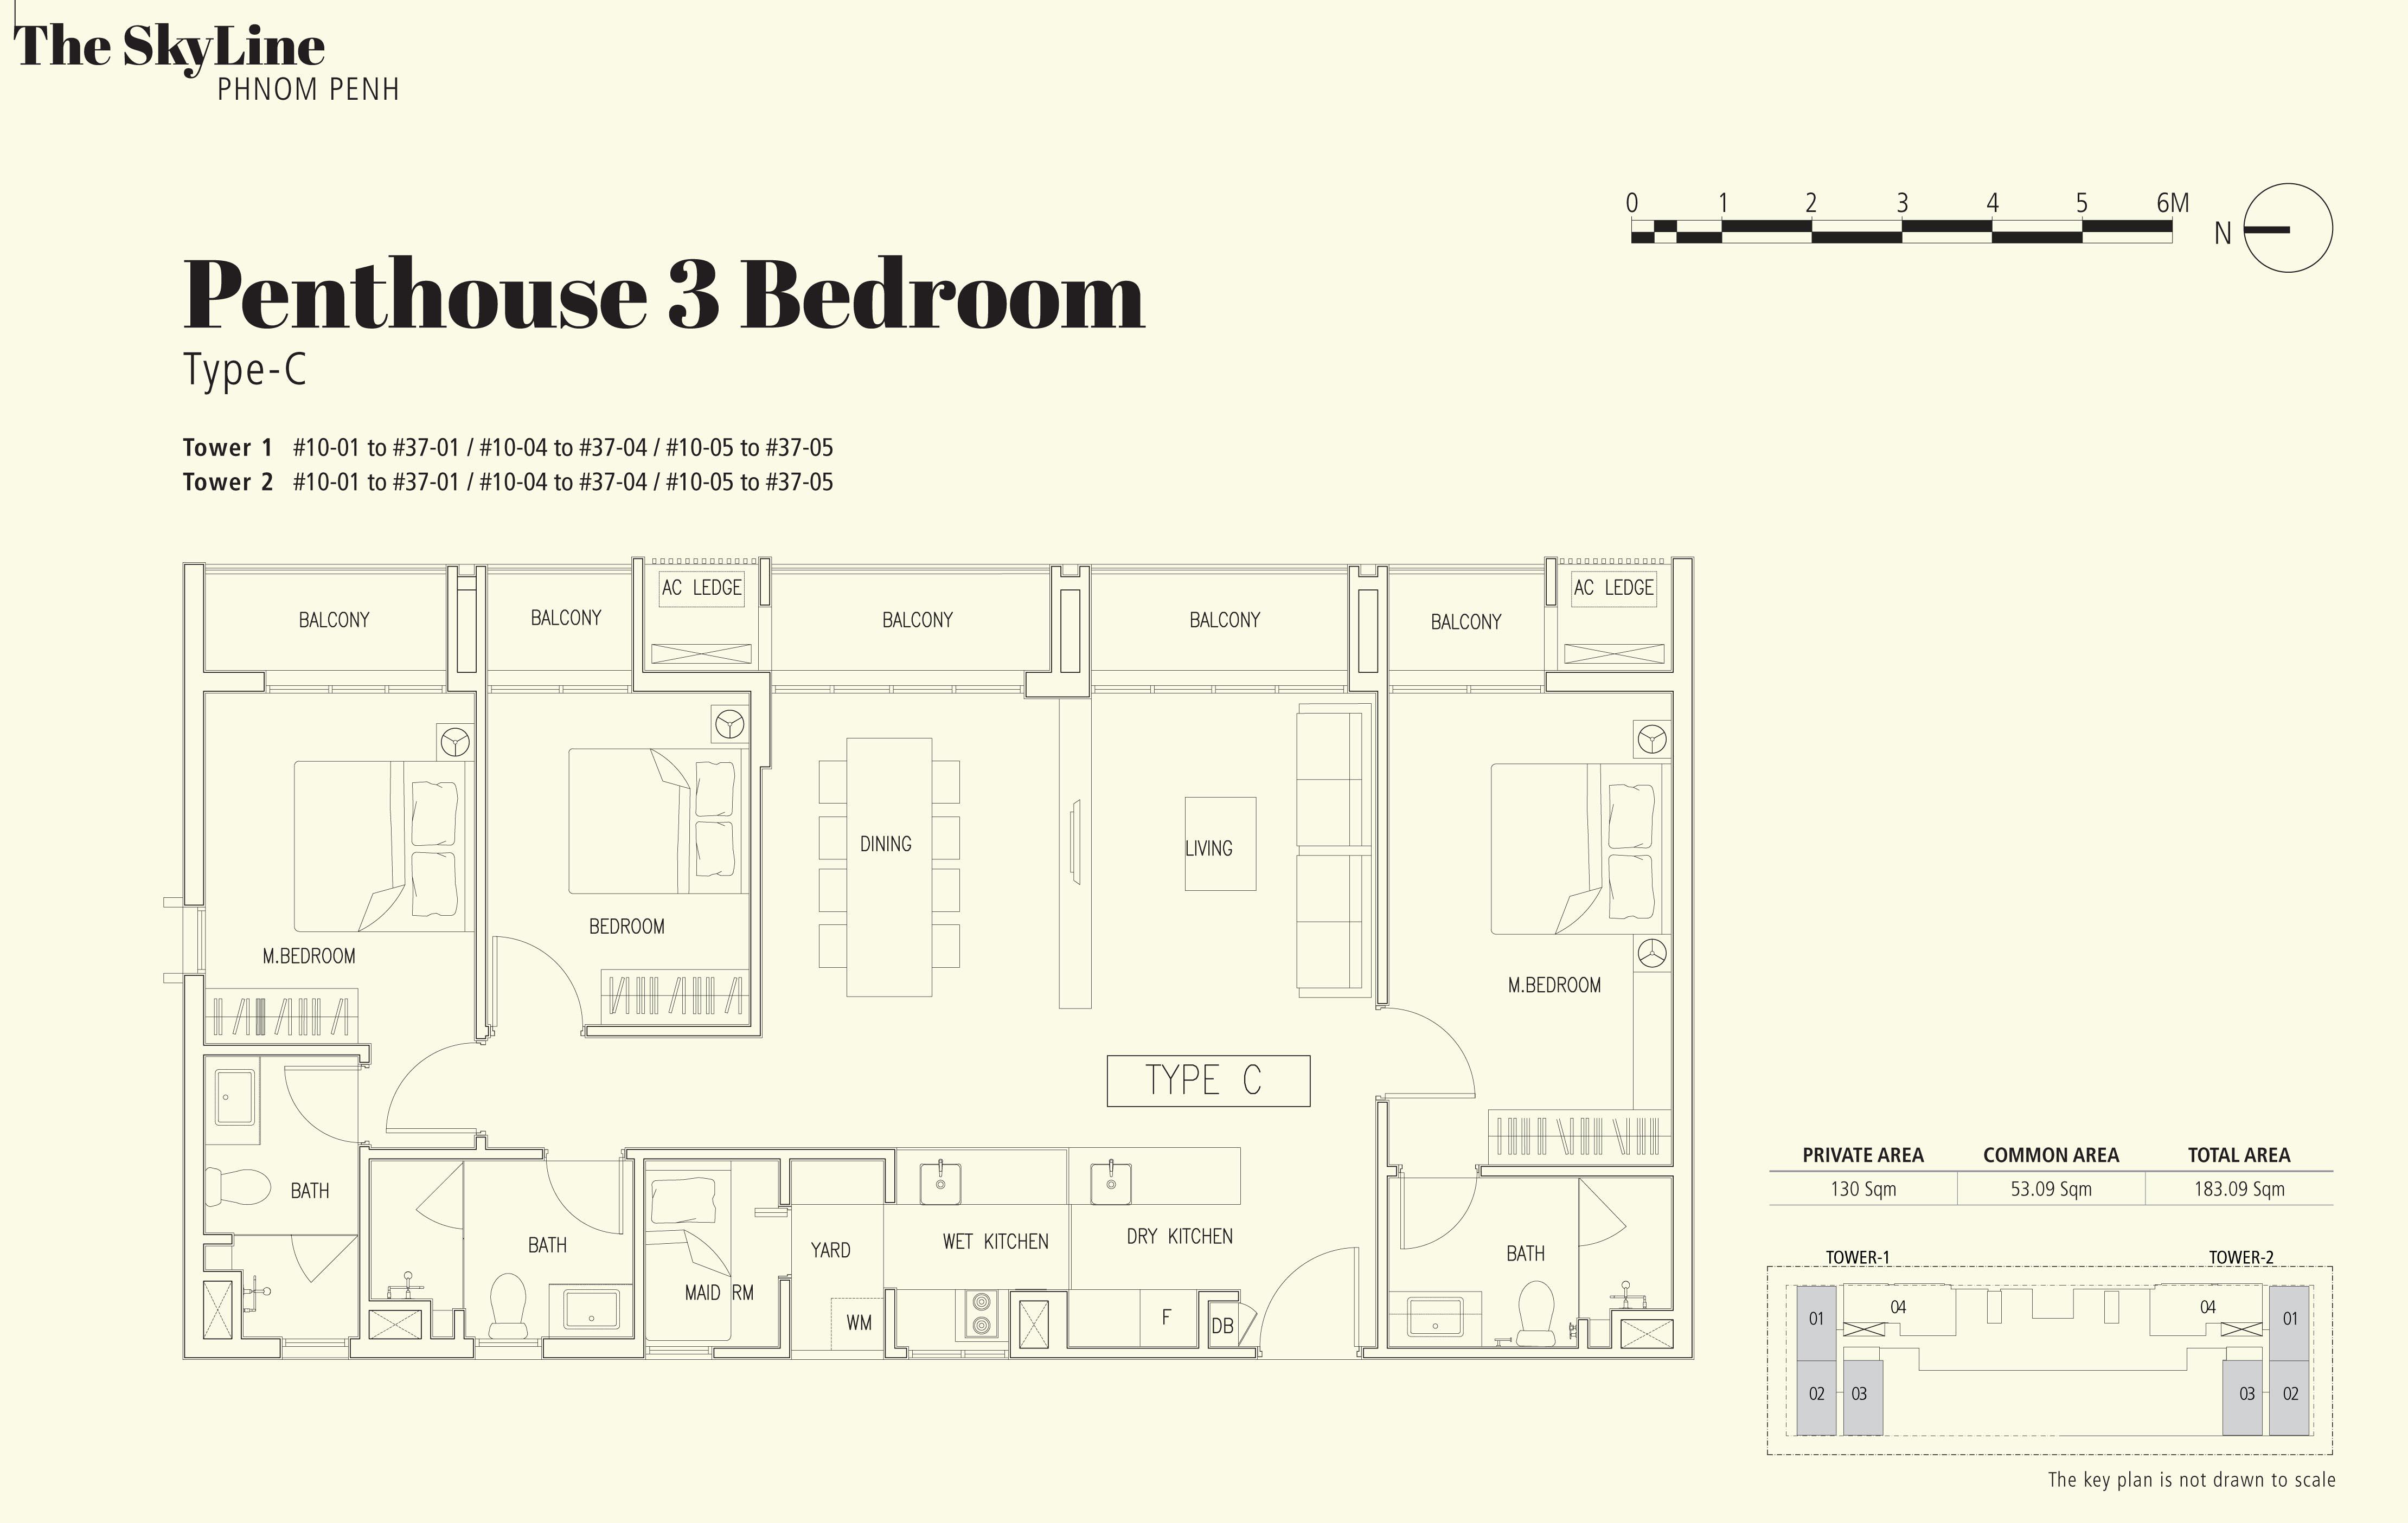 3 Bedroom - Type C